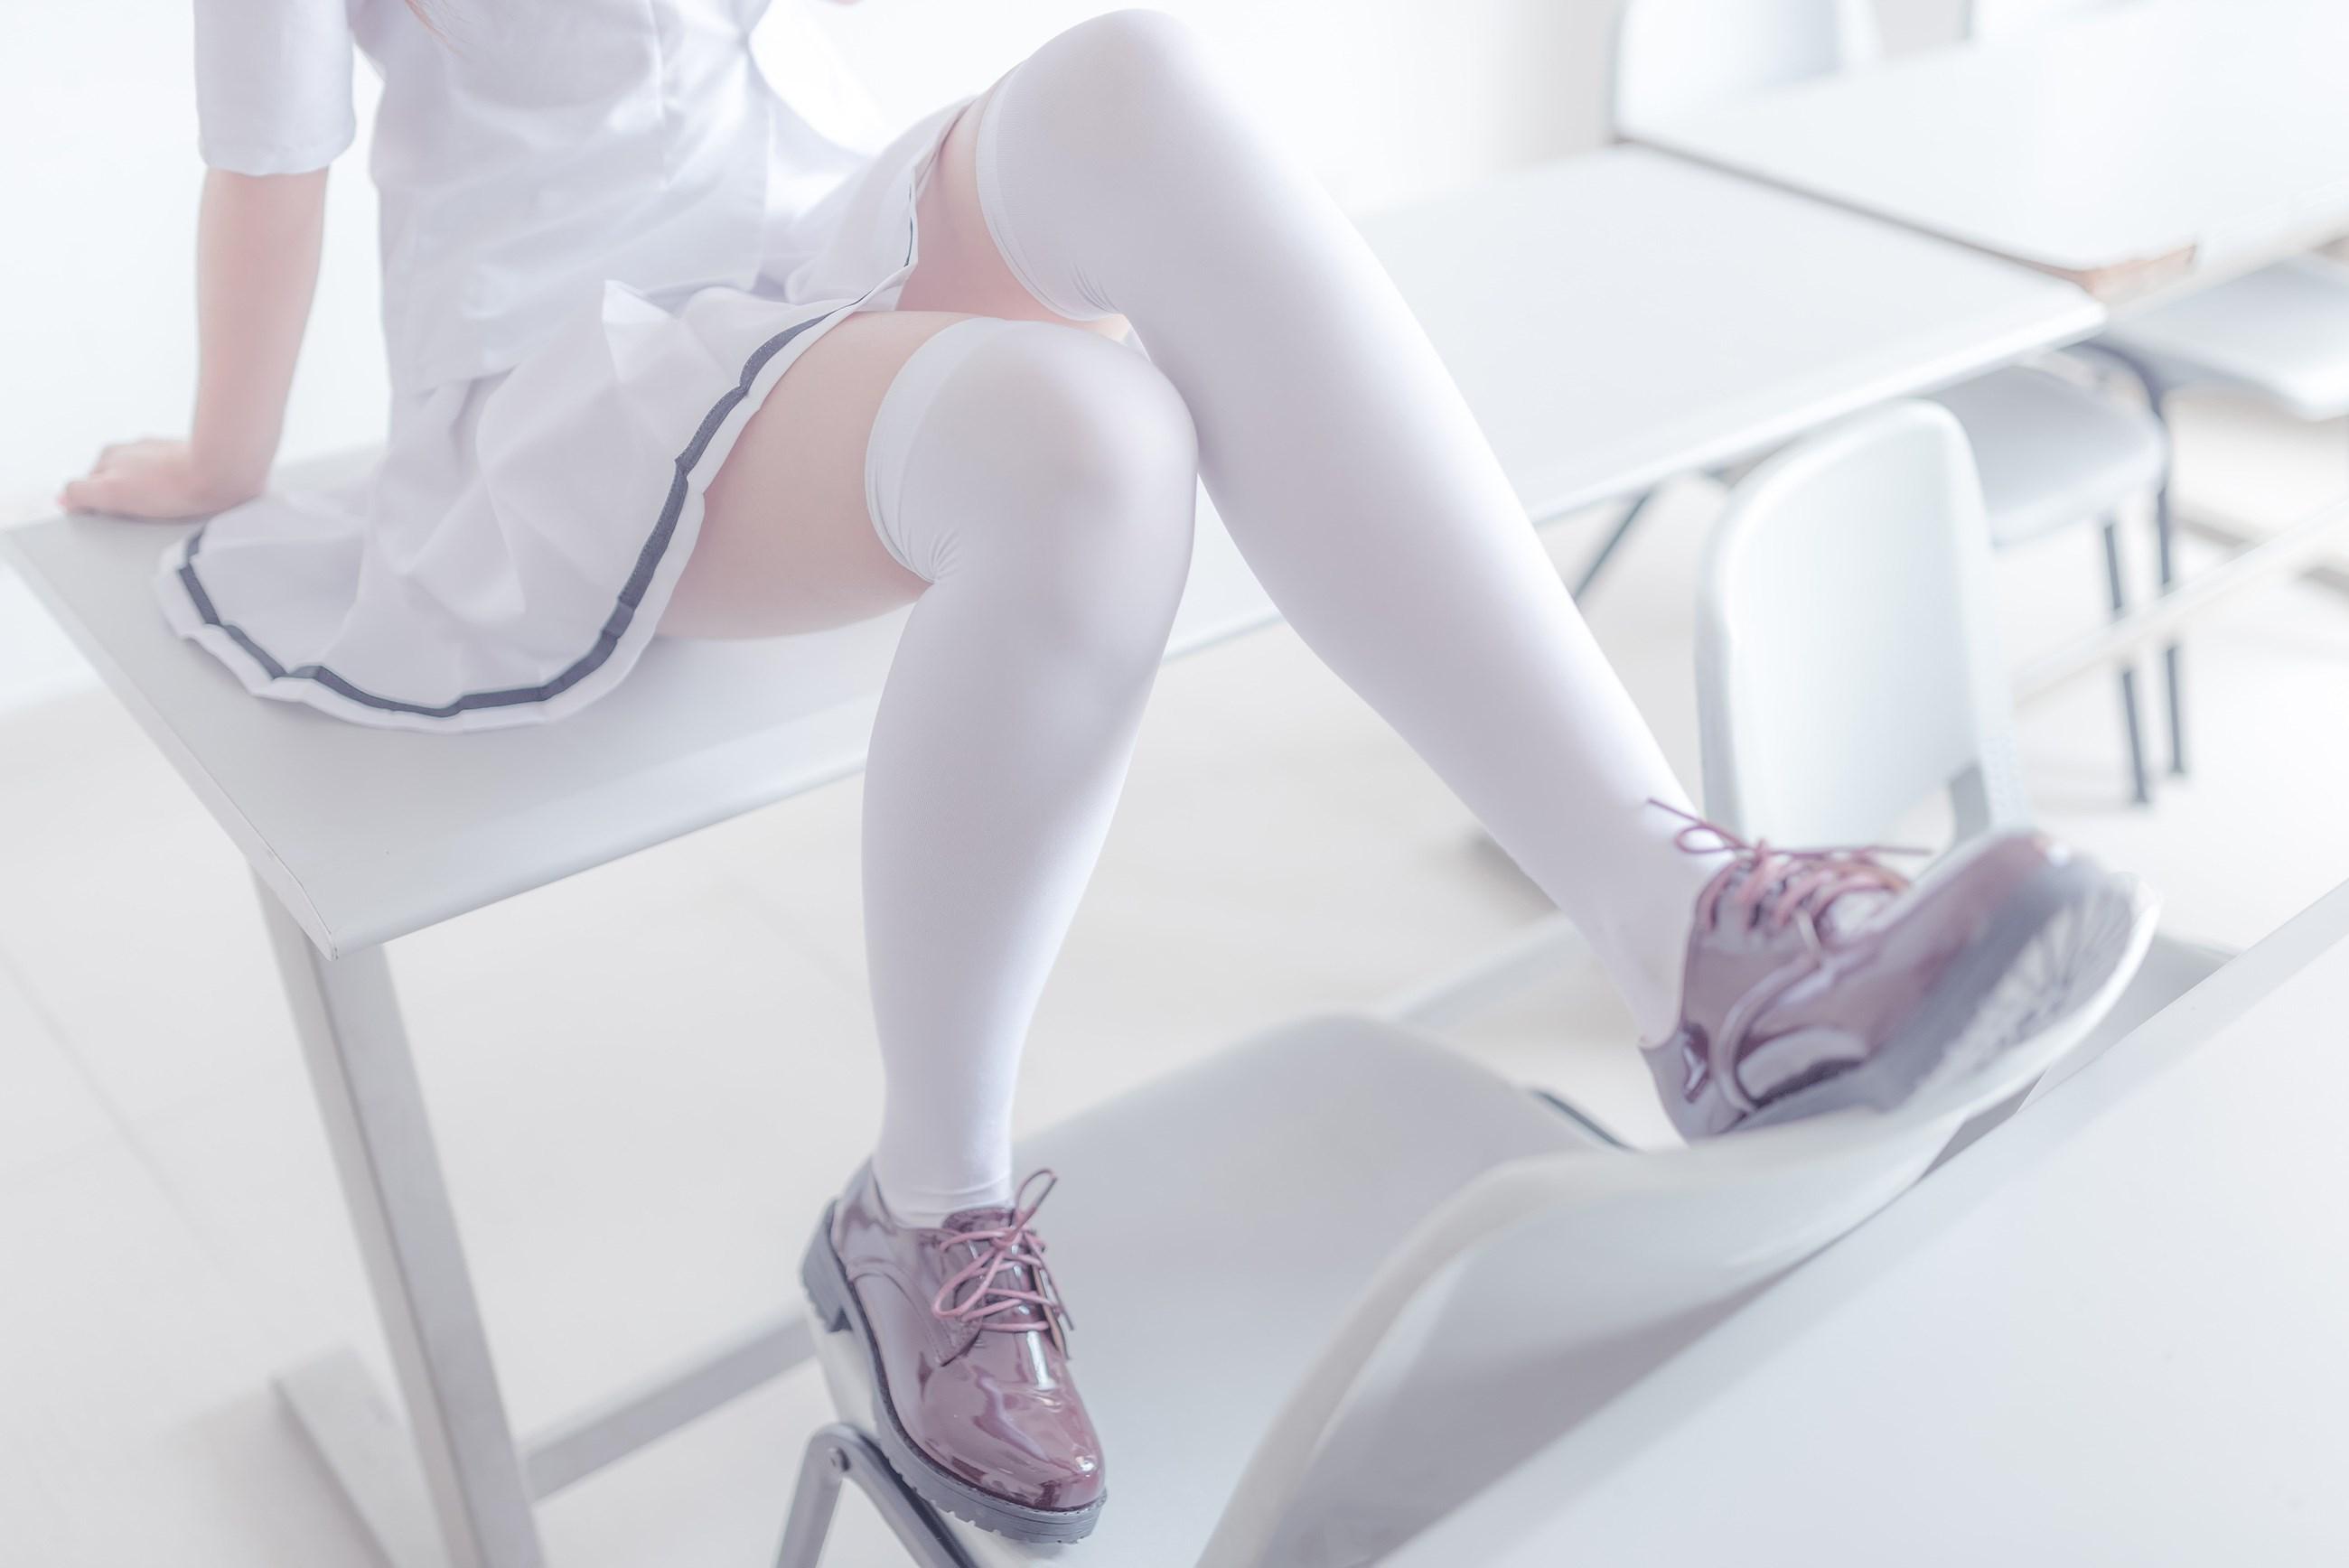 【兔玩映画】白白白白白丝 兔玩映画 第27张